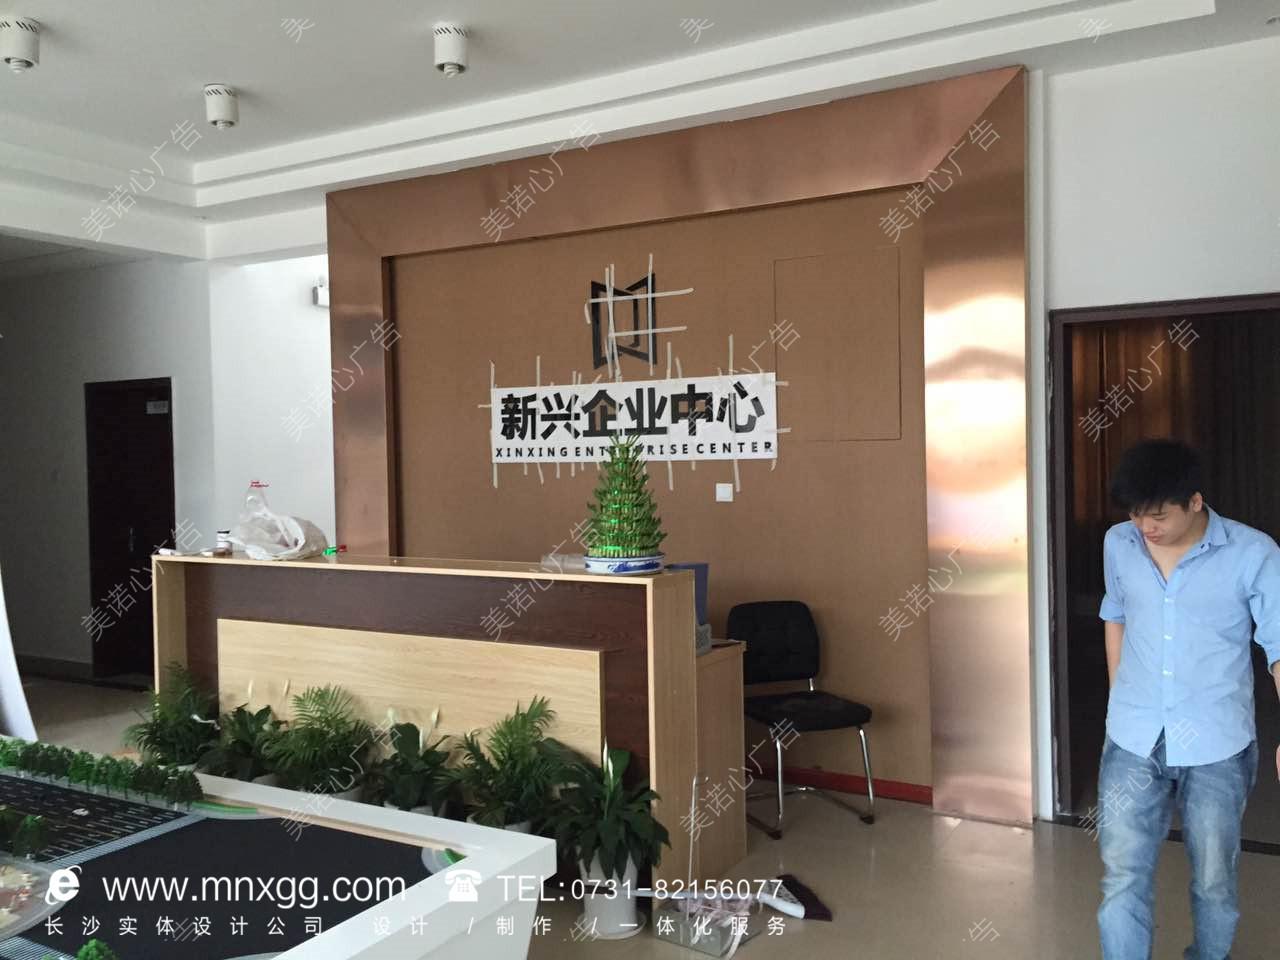 新兴企业中心背景墙及室内外物料布置